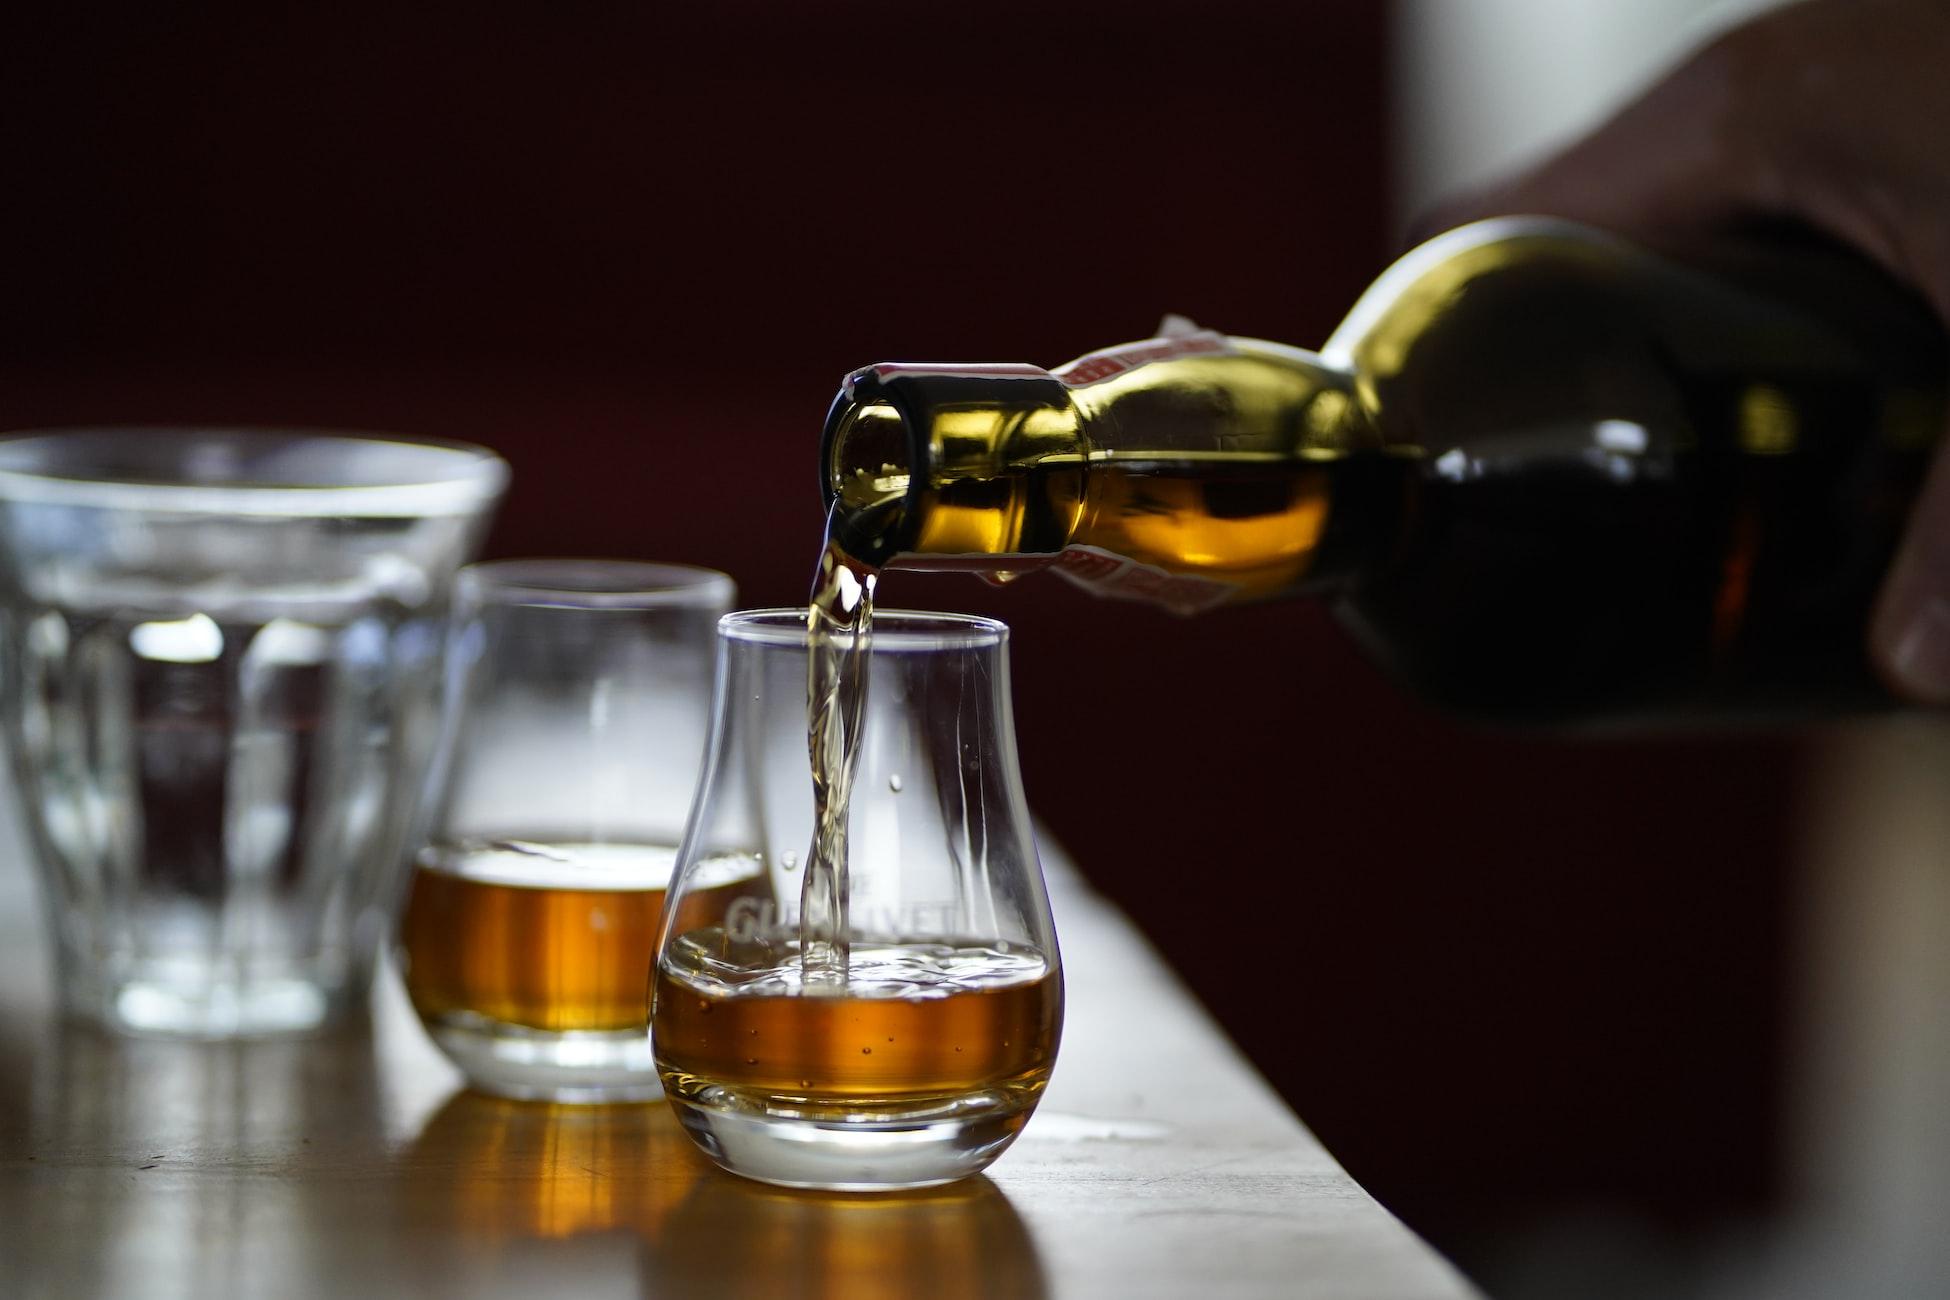 Nalievanie whisky z fľaše do pohárika